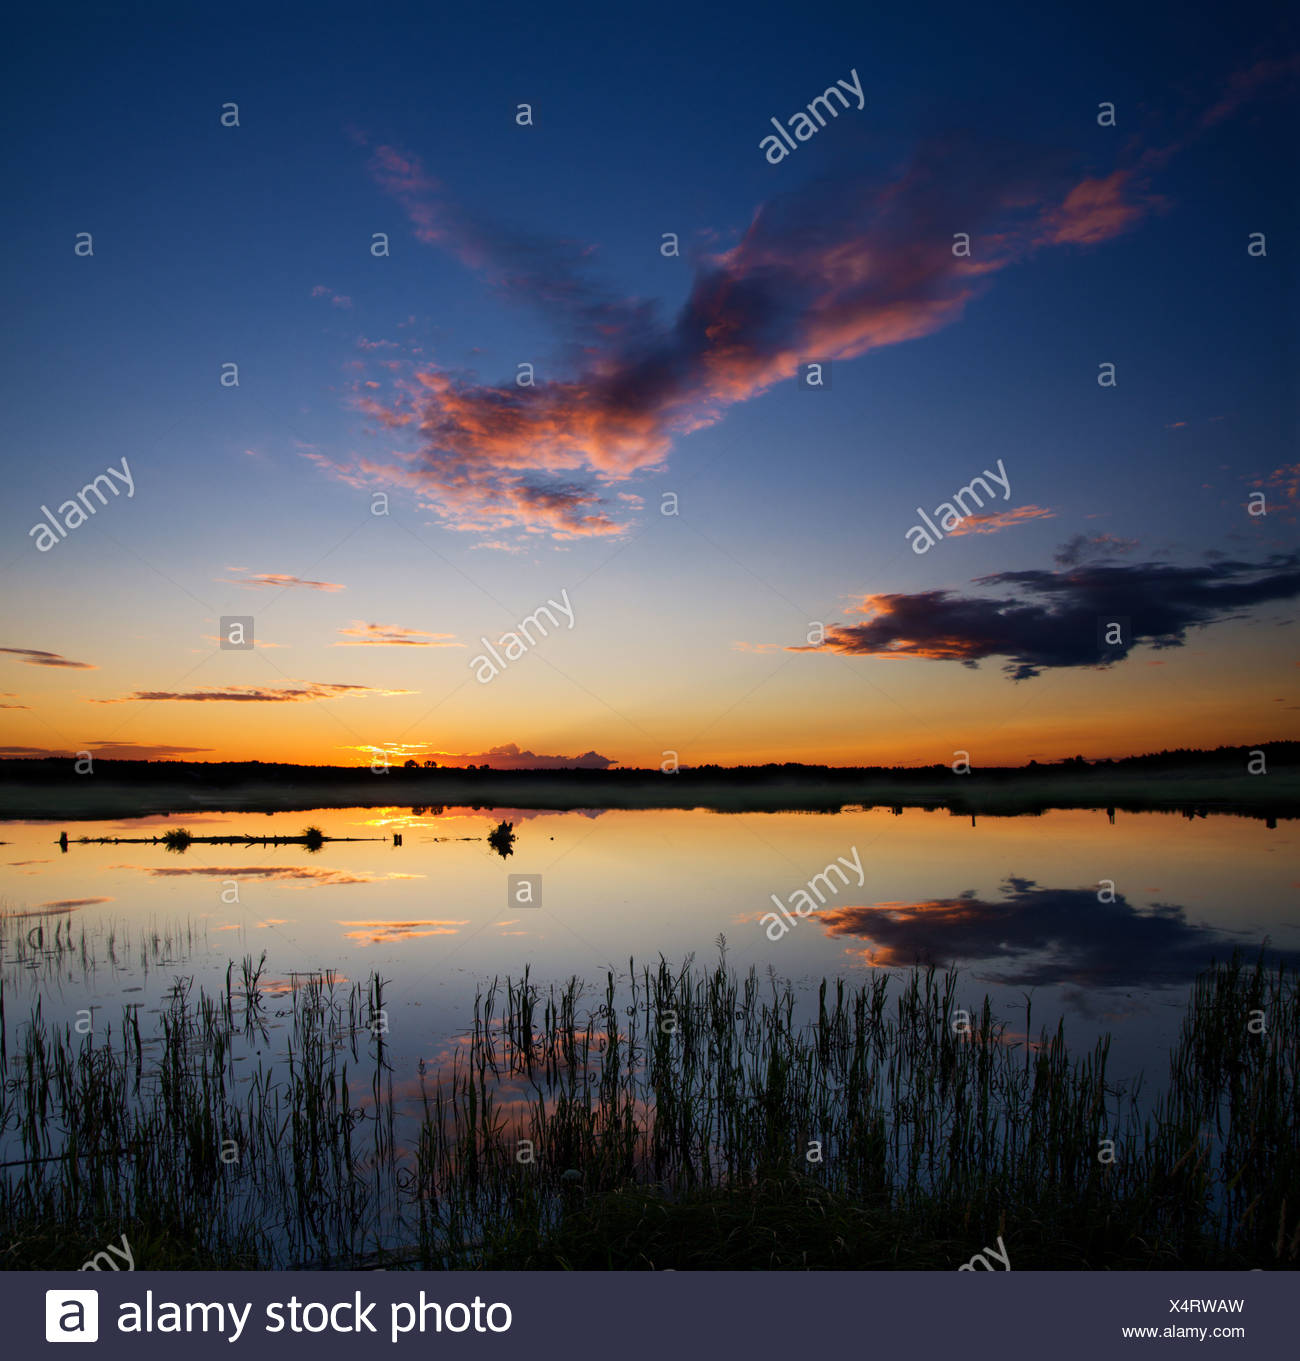 Sonnenuntergang über See Stockbild